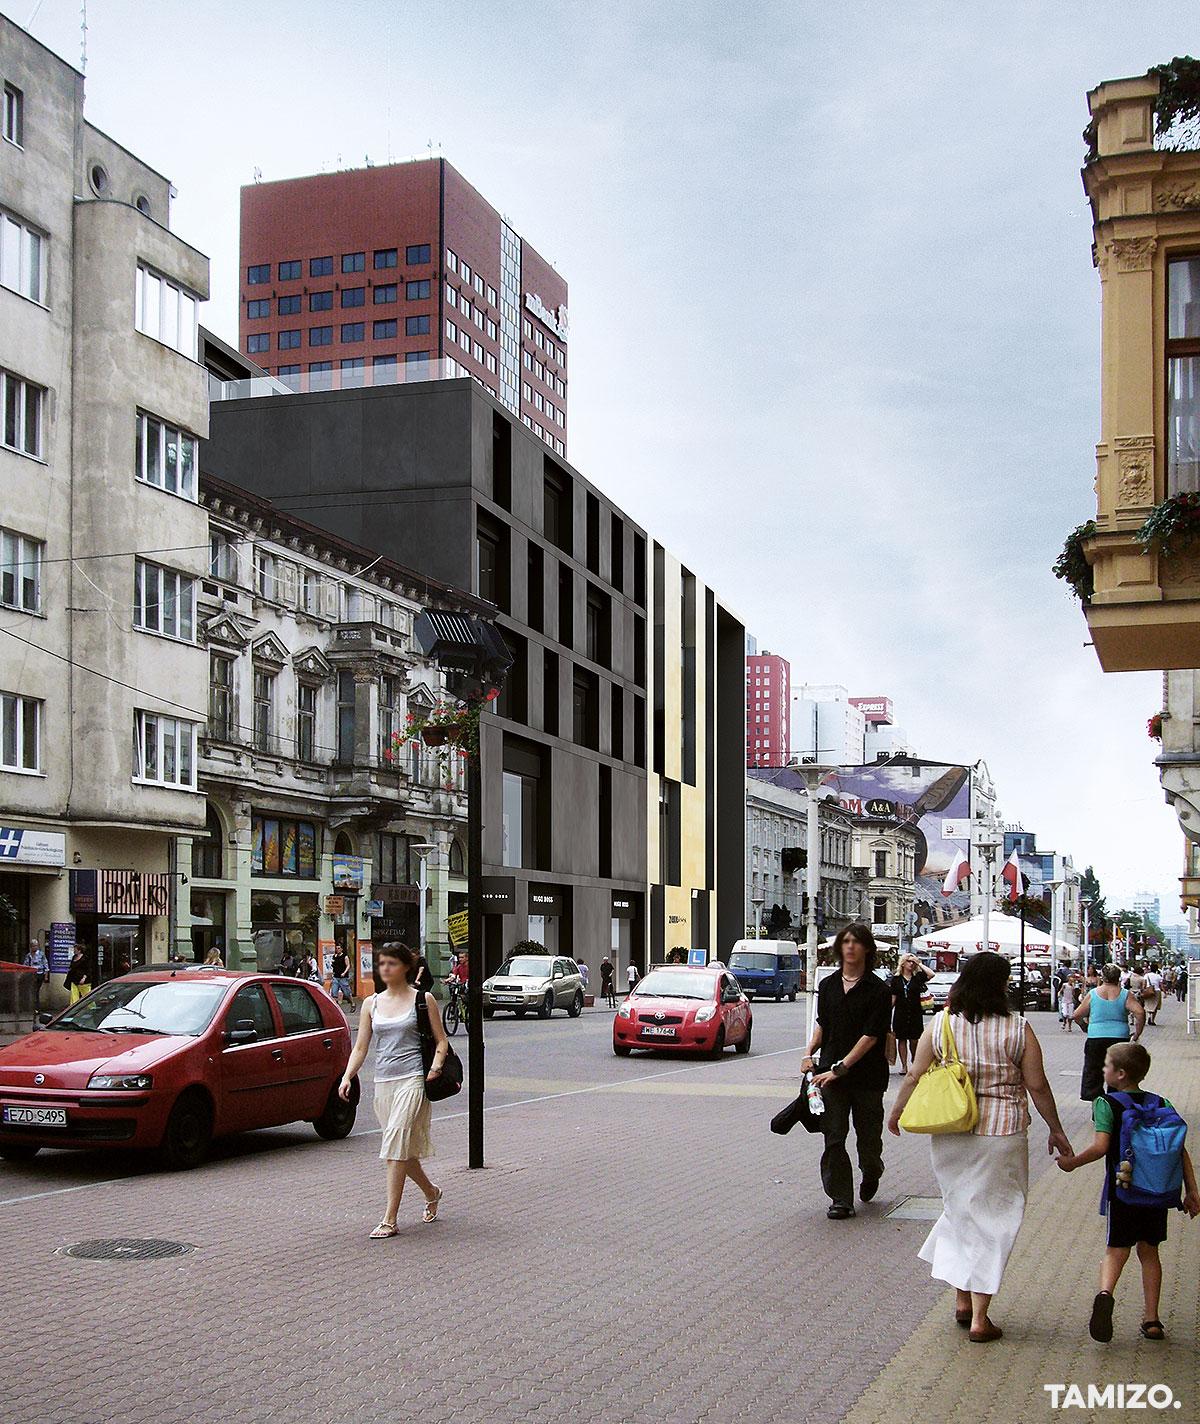 A028_tamizo_architekci_piotrkowska_center_kompleks_dawnej_fabryki_bawelny_franciszka_ramischa_06